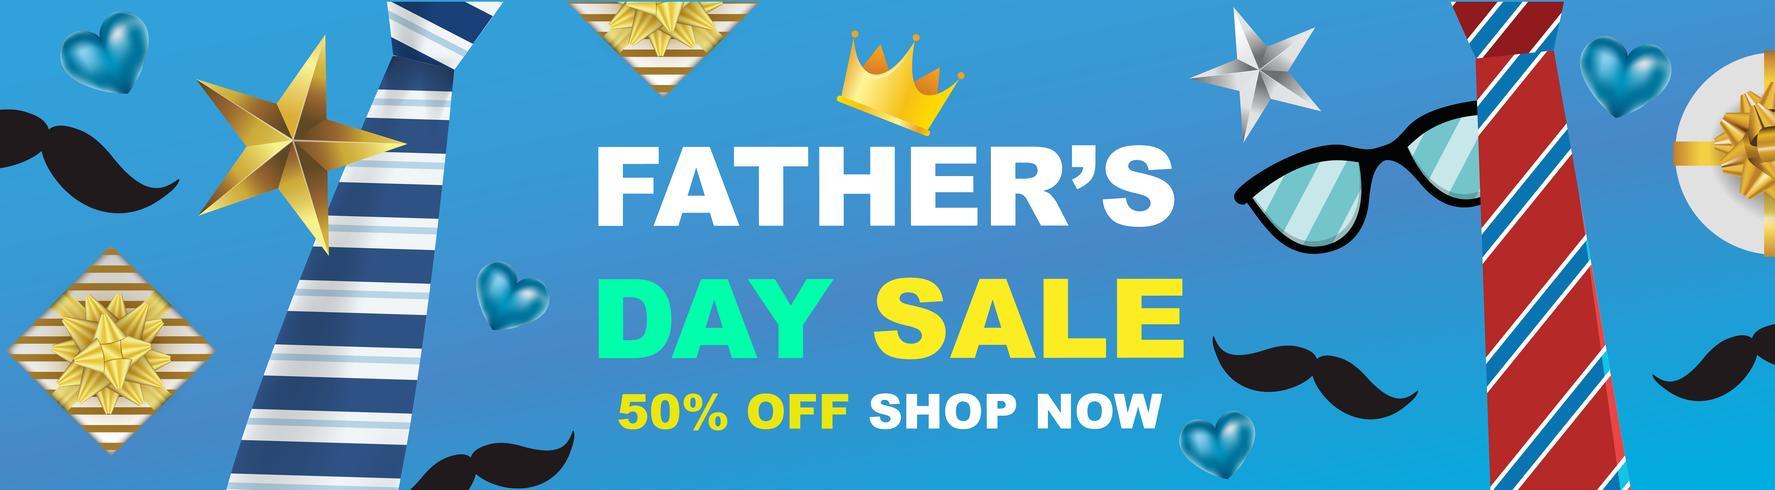 affiche de promotion vente vecteur vente de fête des pères ou une bannière avec promotion de concept de papier cadeau ouvert. illustration - vecteur.